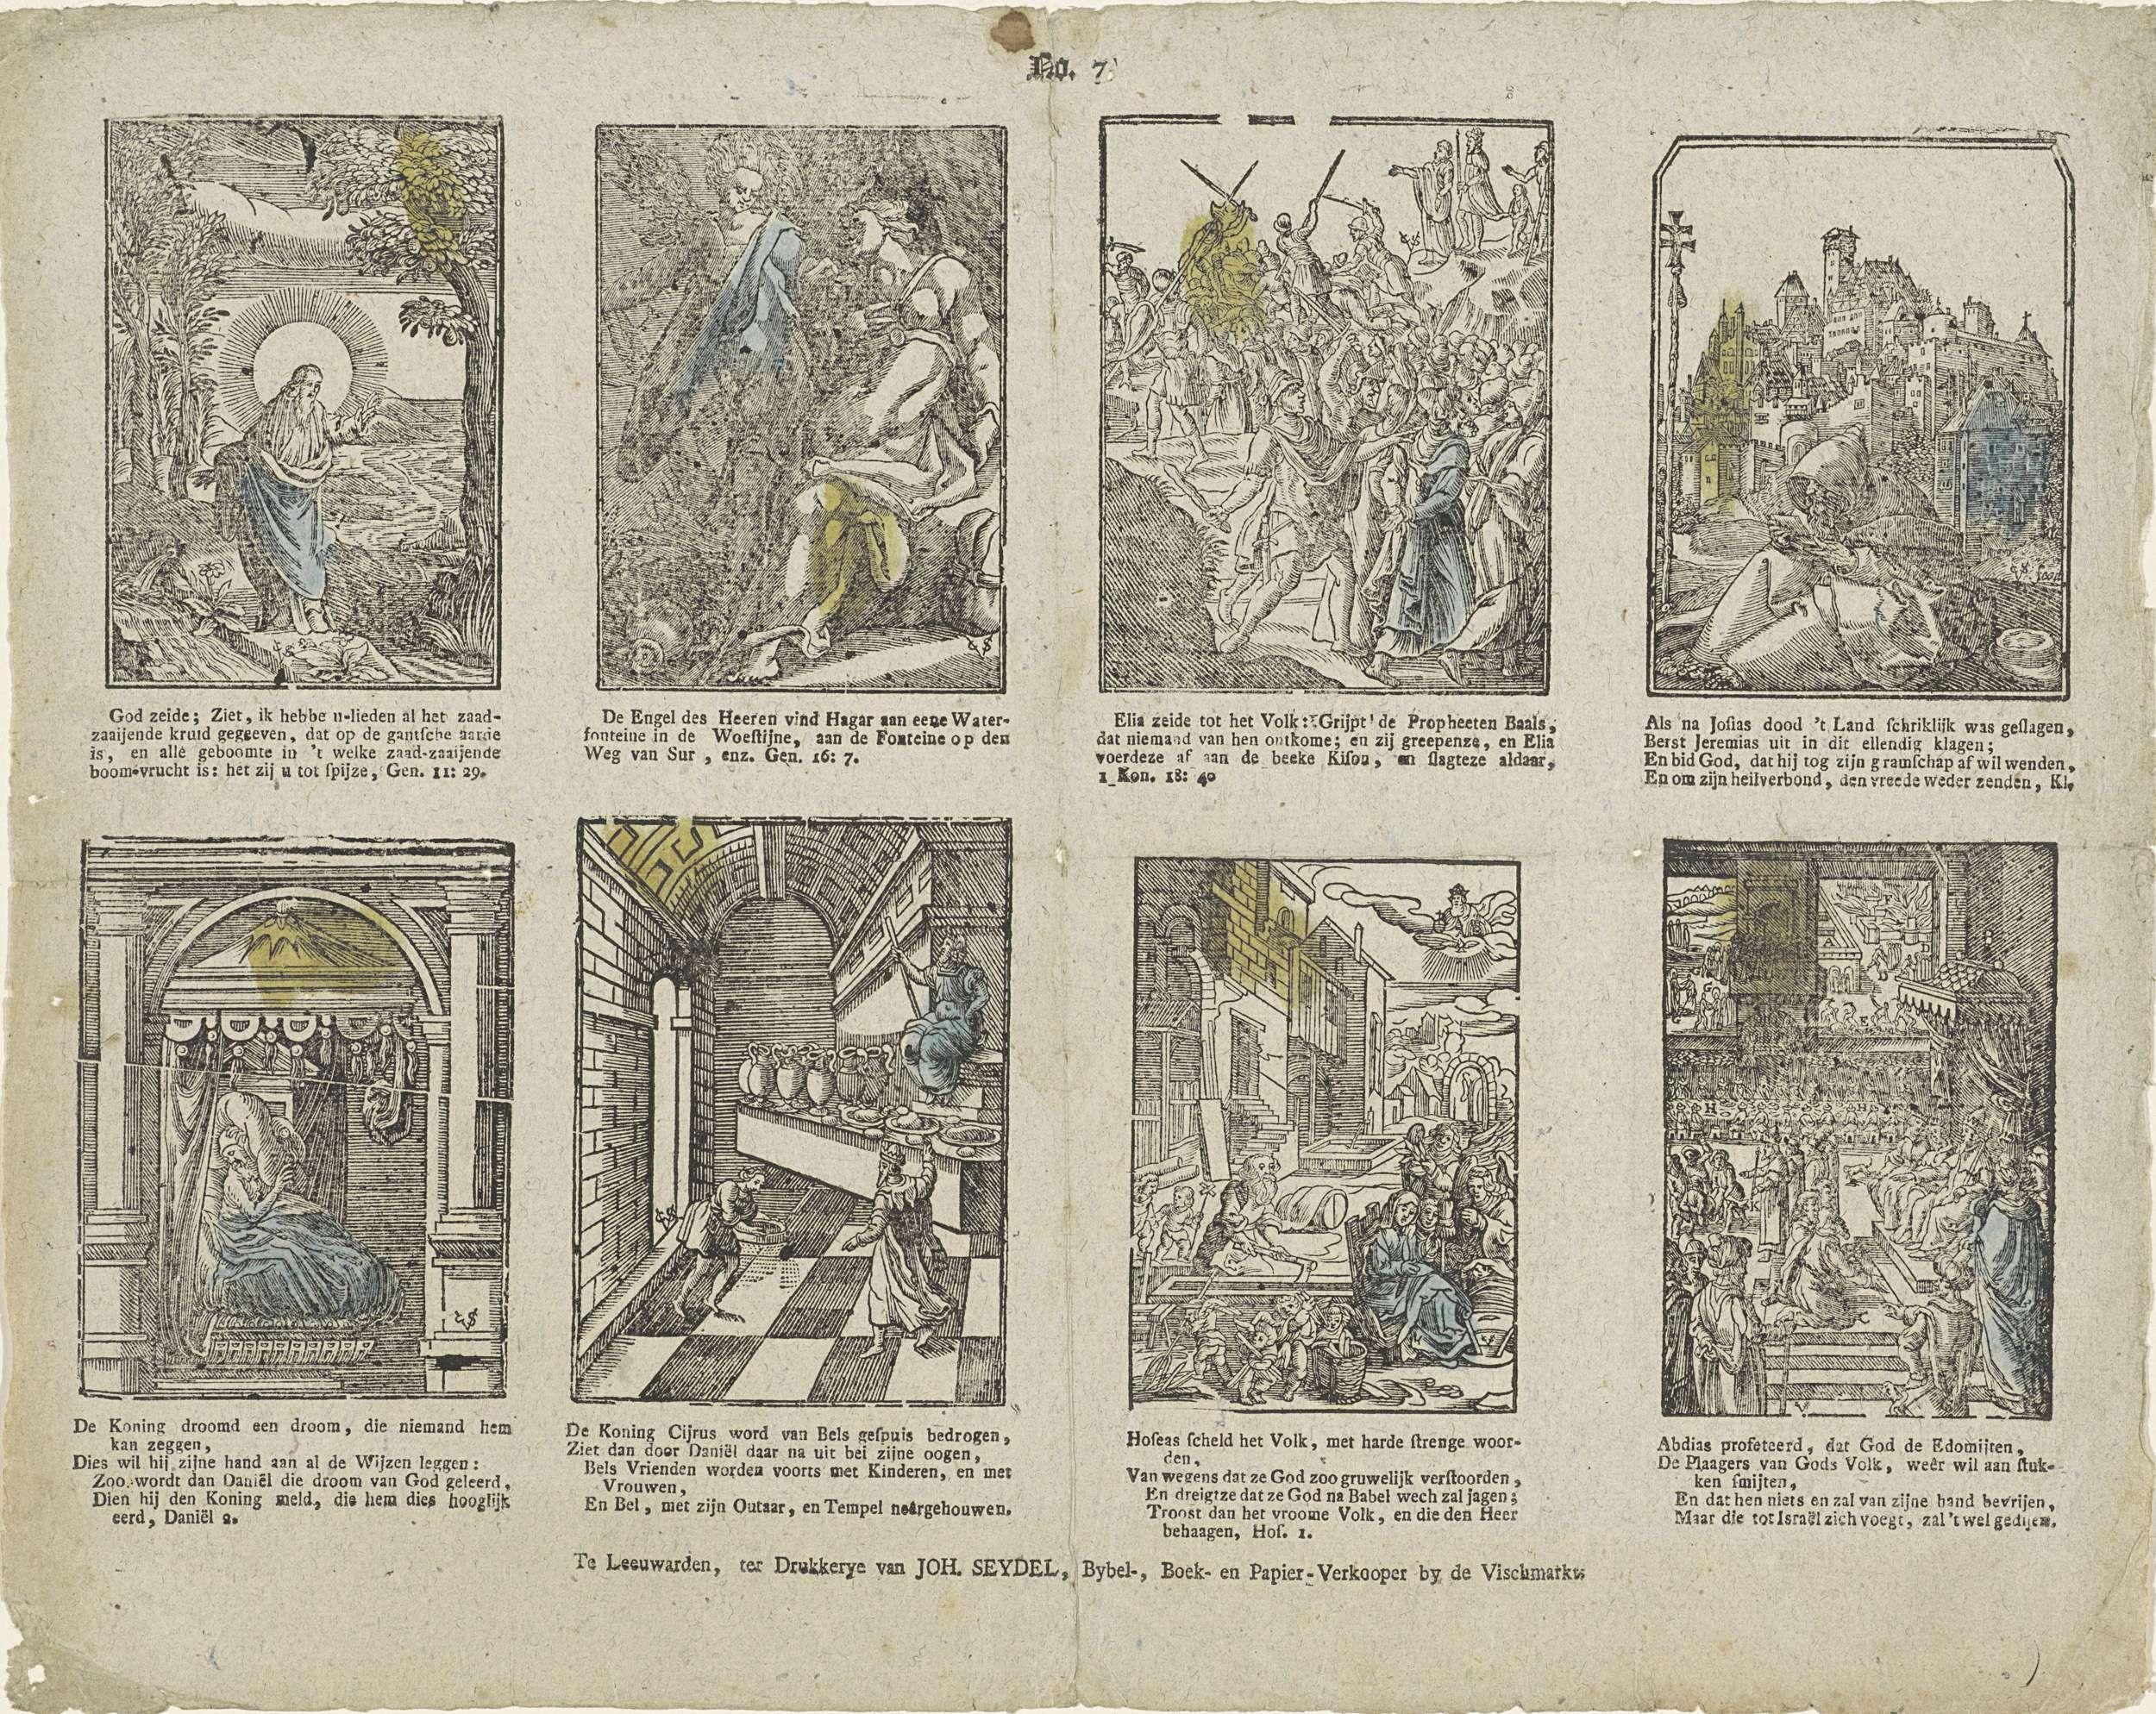 Christoffel van Sichem (IV) | Taferelen uit het Oude Testament, Christoffel van Sichem (IV), Johannes Seydel, 1776 - 1813 | Blad met 8 voorstellingen van verhalen uit het Oude Testament. Onder elke afbeelding een onderschrift. Genummerd midden boven: No. 7.